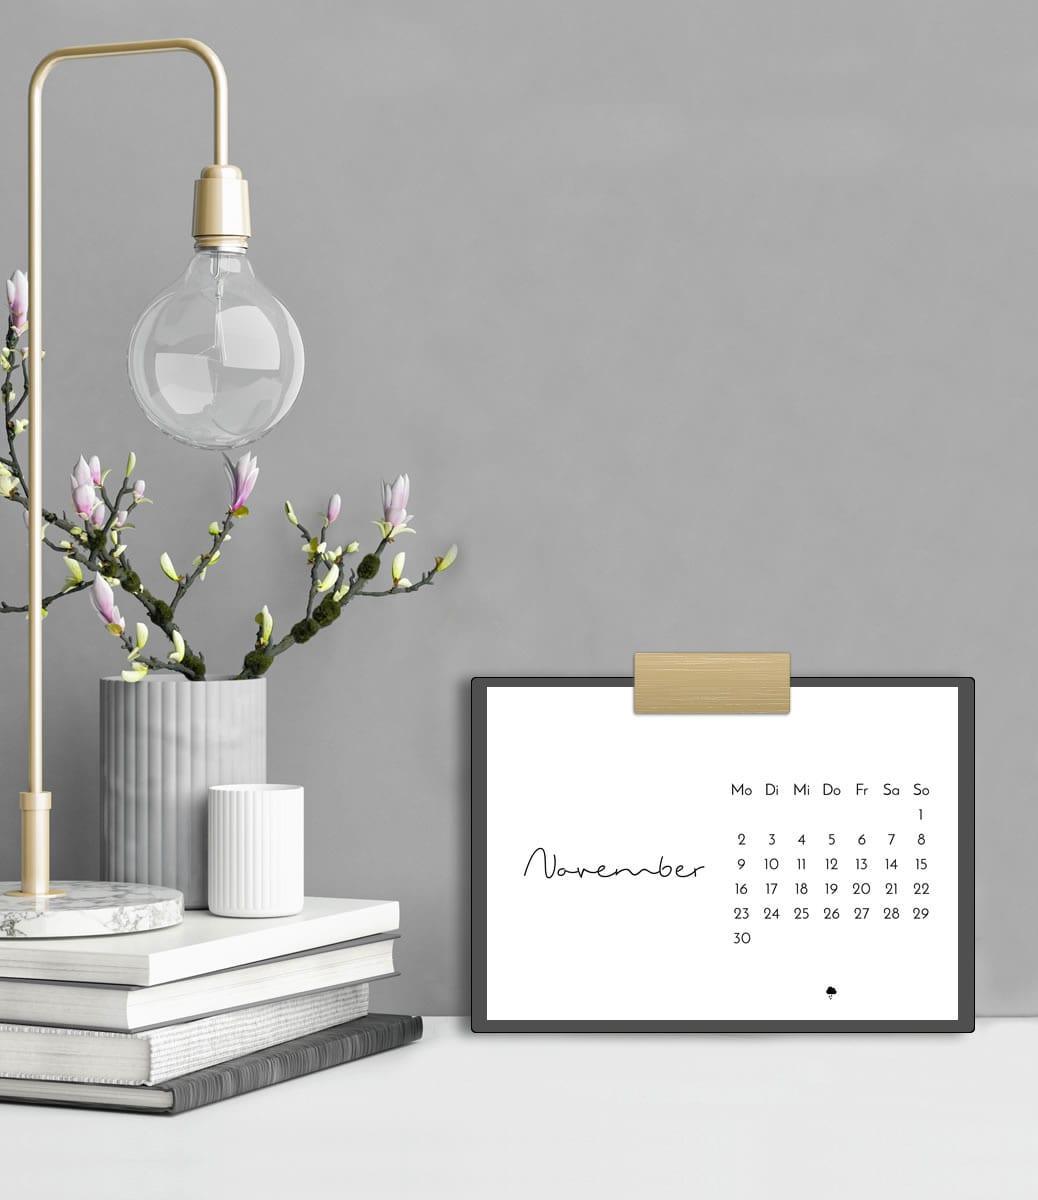 Minimalistischer Tischkalender 2020 mit Feiertagen (Druckvorlage/Printable, A5)   Stylischer Schreibtisch-Helfer & Arbeitszimmer-Deko   Filizity.com   Interior- & DIY-Blog und Shop #kalender #calendar